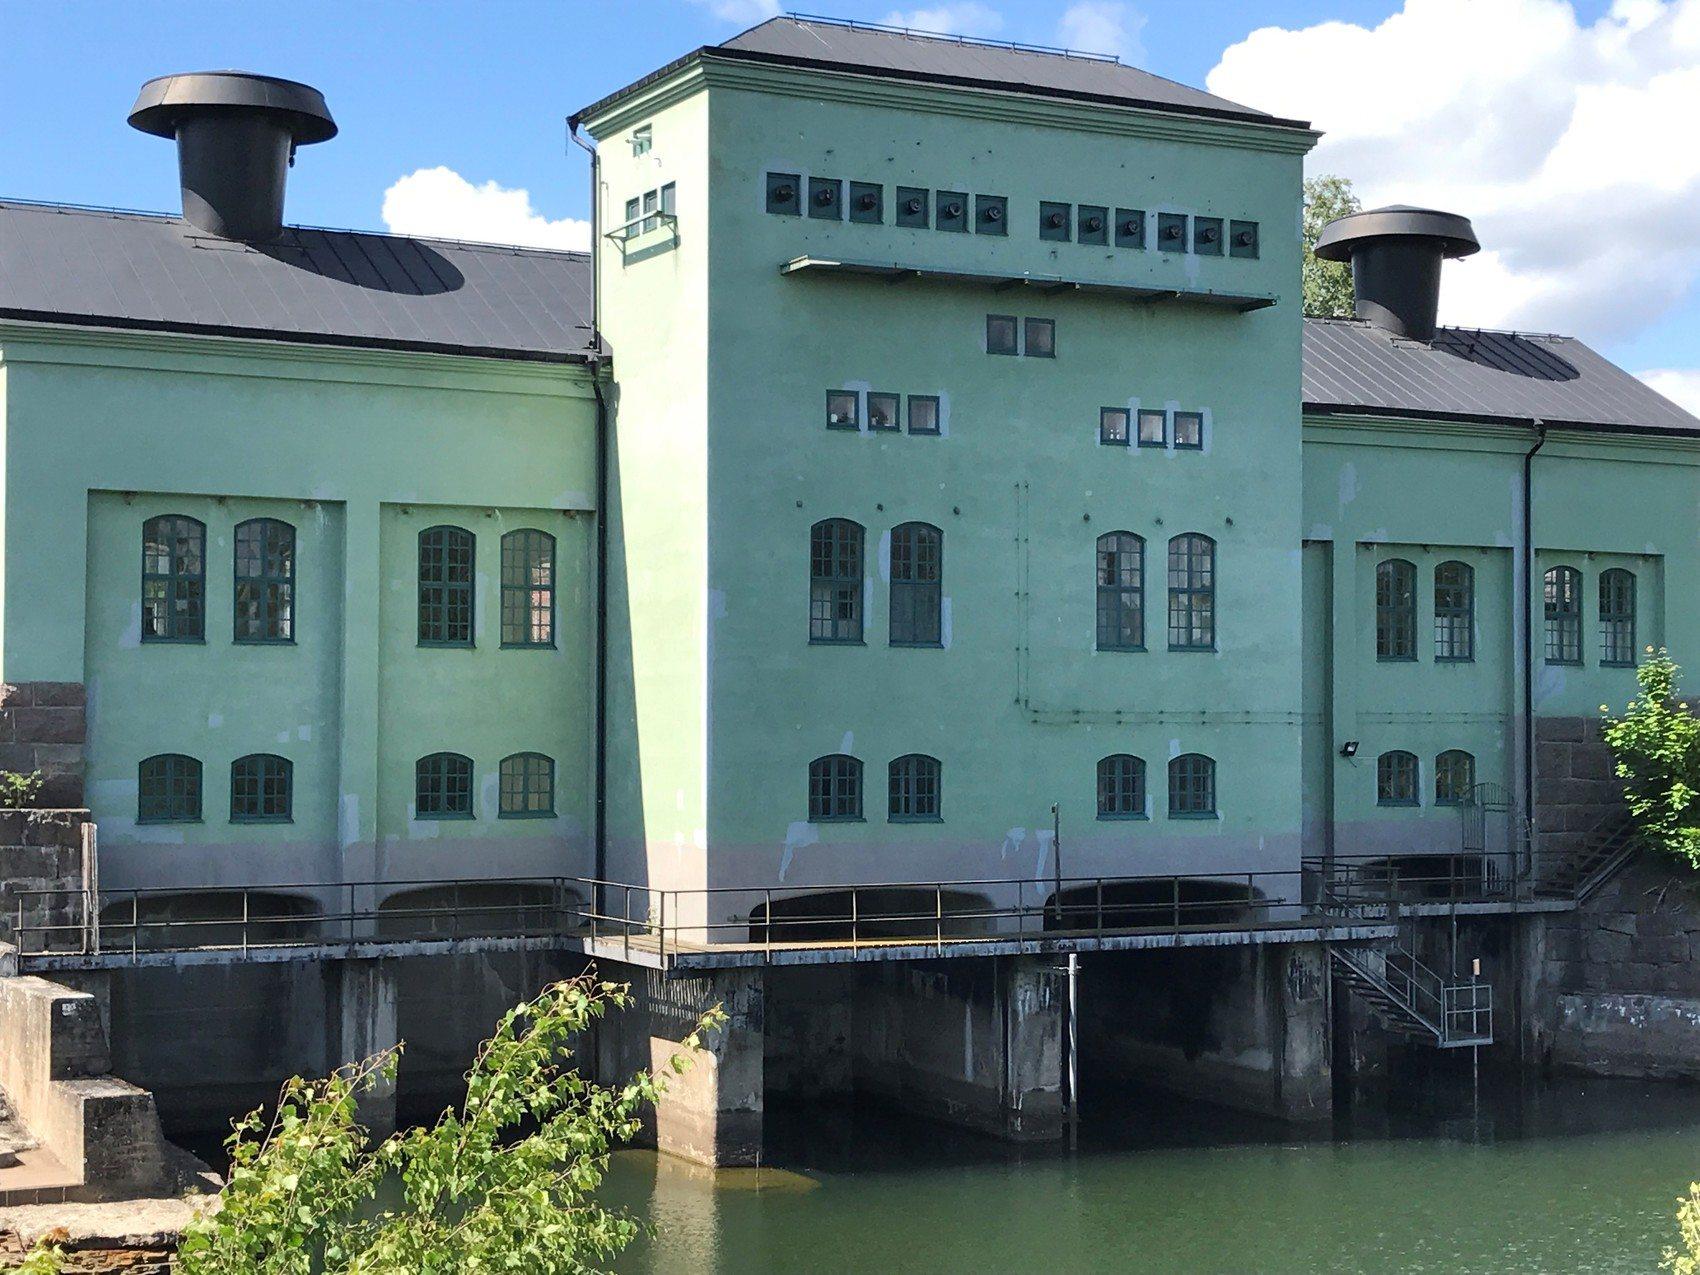 Stor gammal ljusgrön fabriksbyggnad som delvis är byggd i vatten.